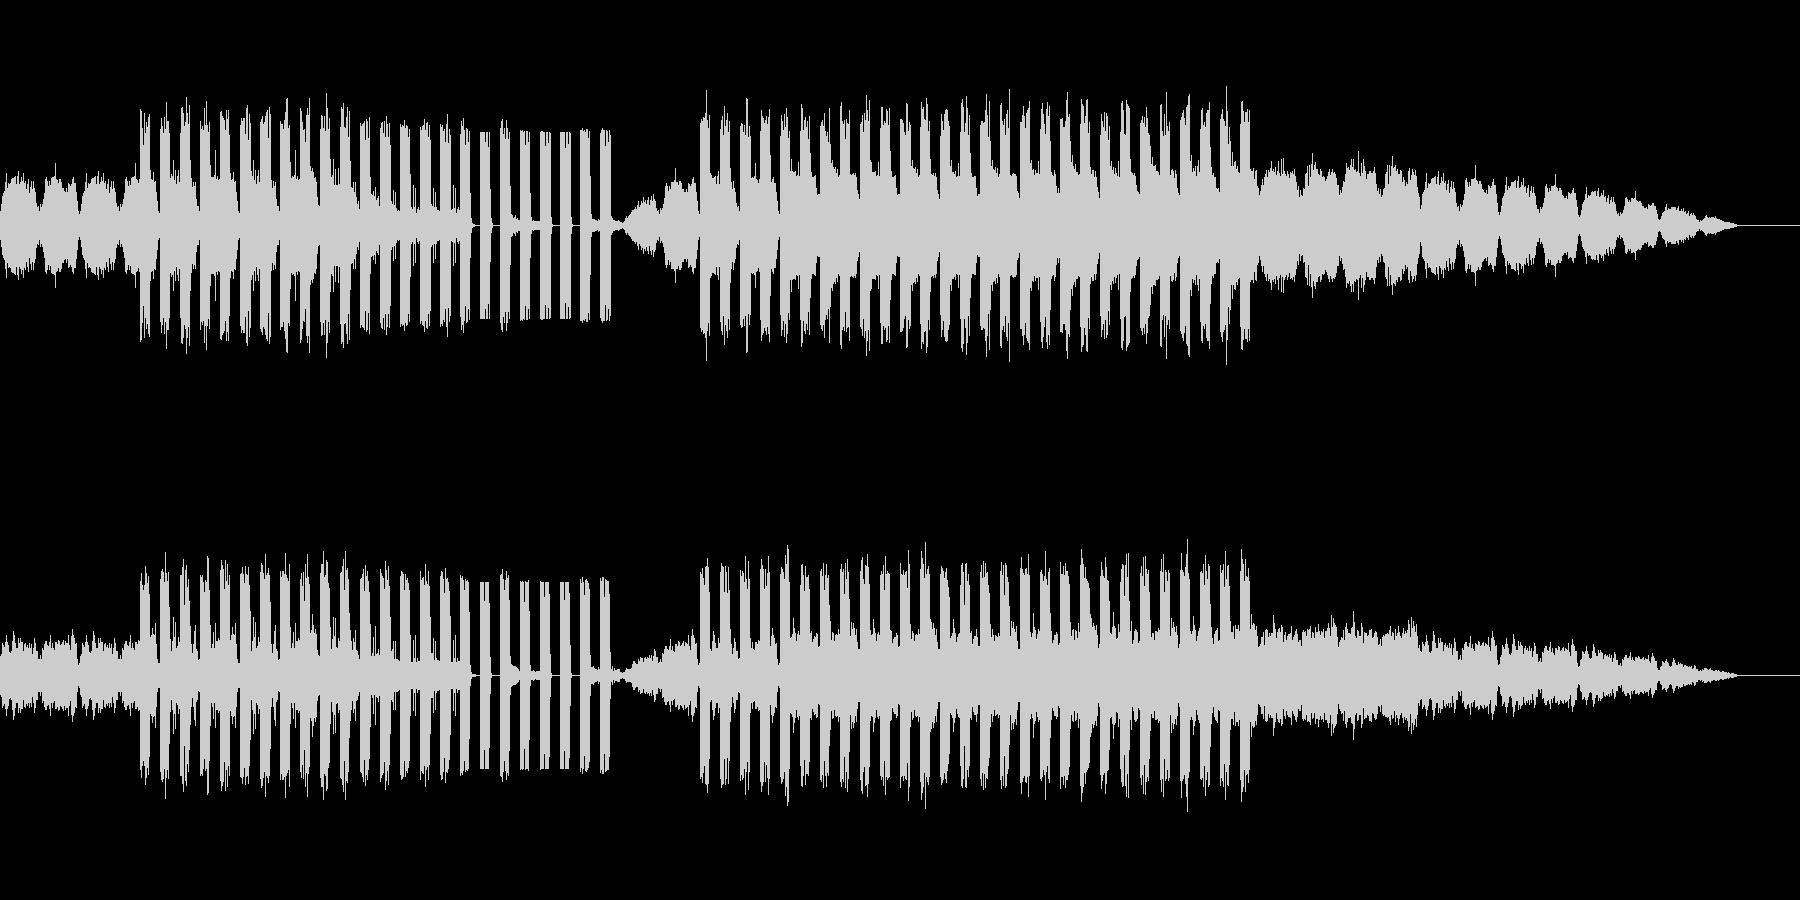 ゆったりでやや不穏な印象の電子音楽の未再生の波形